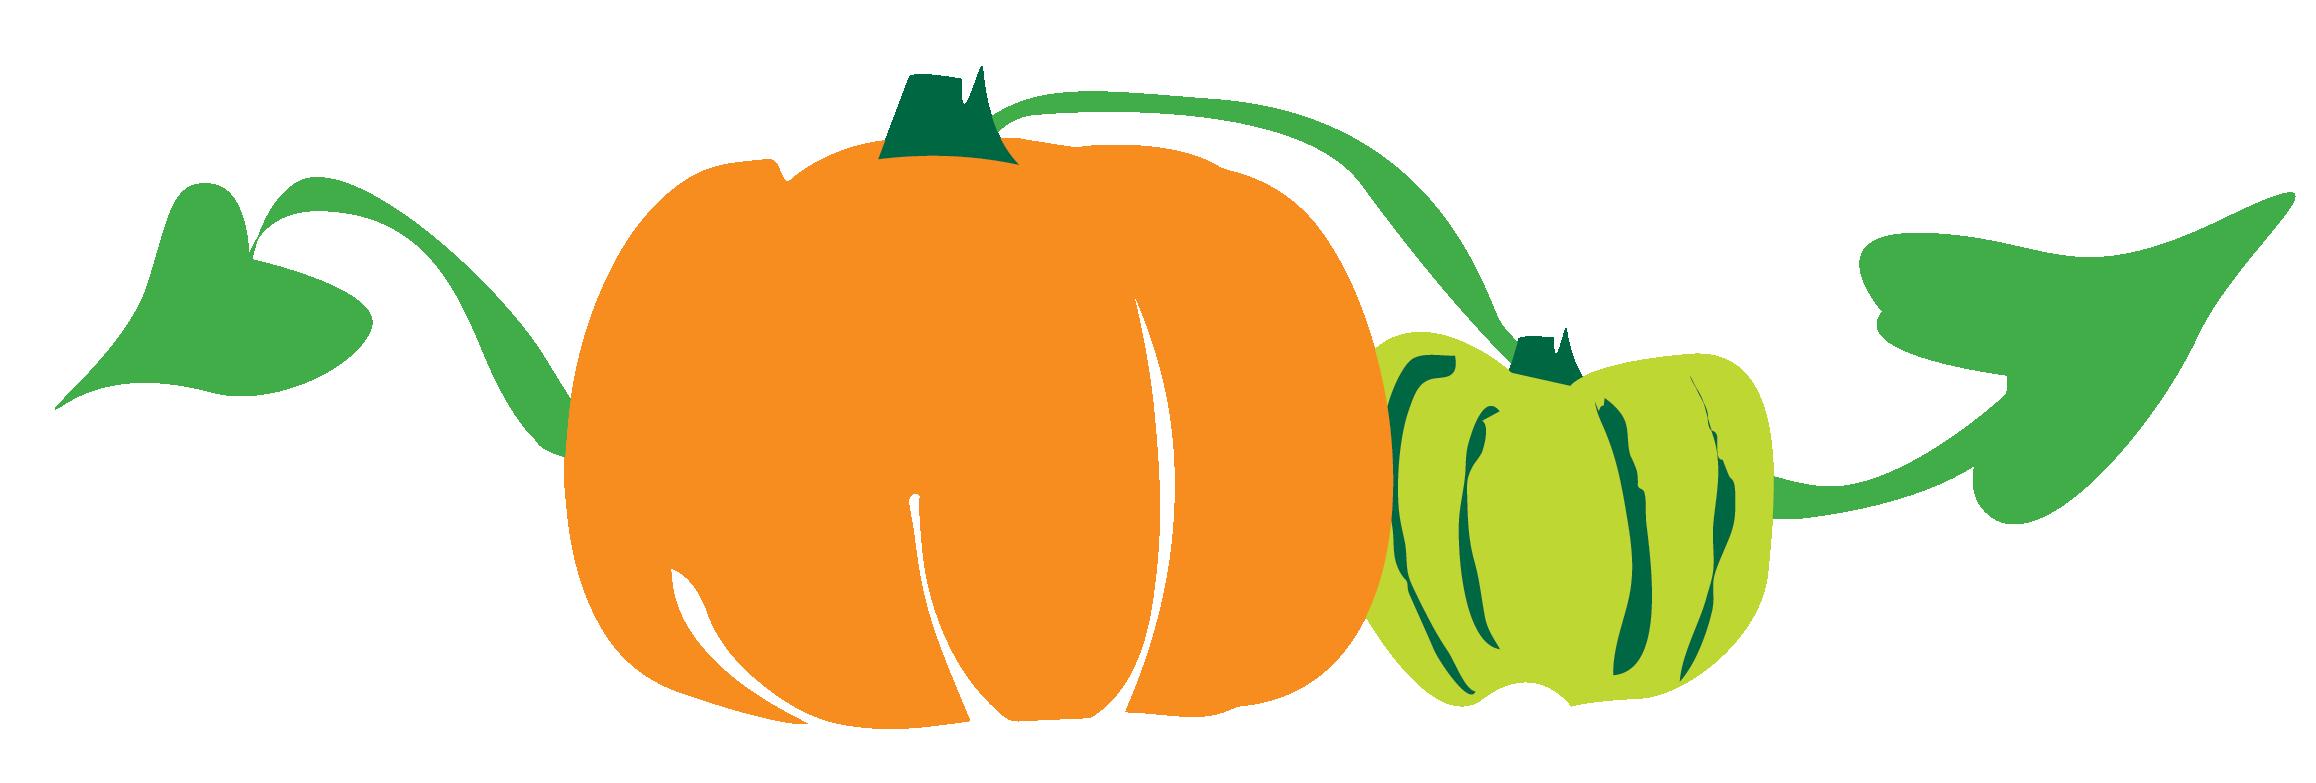 vector library download Hayride clipart october school. Pumpkin tours jfpumpkingroup